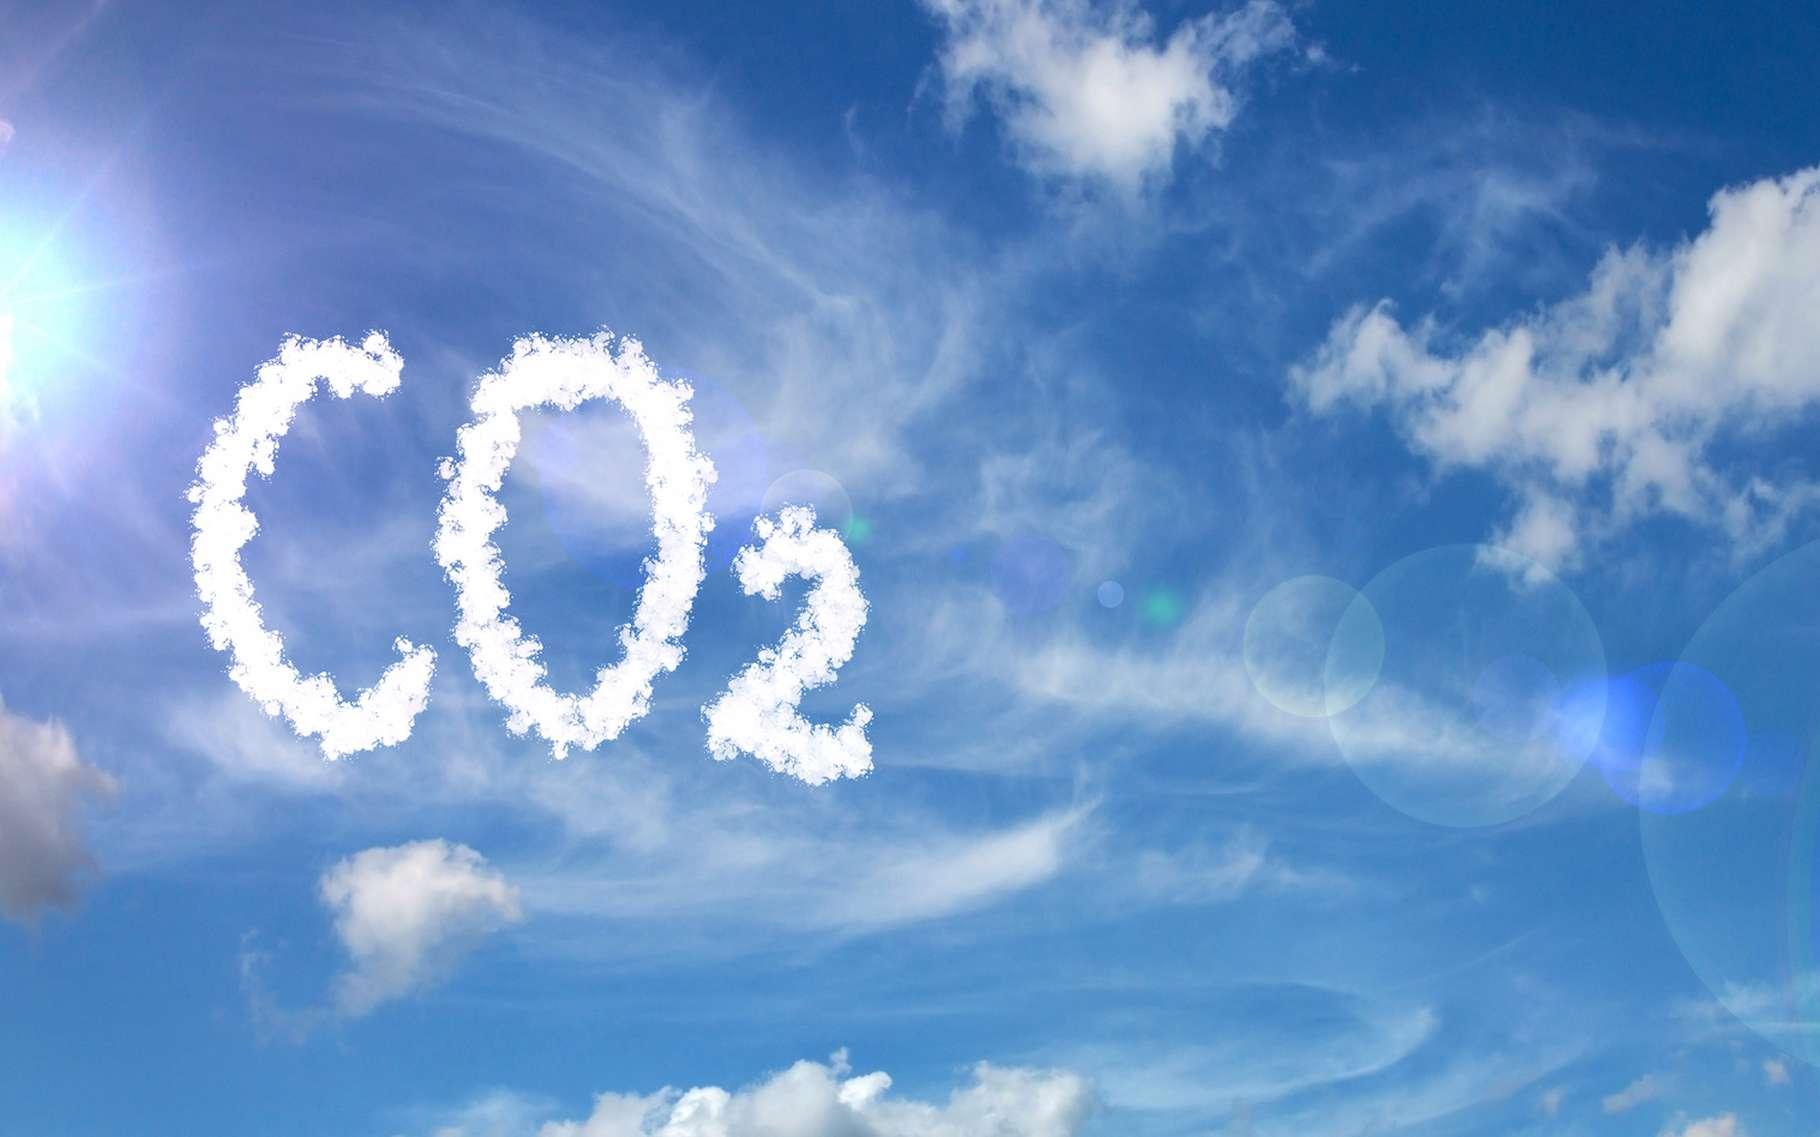 Par le passé, le niveau de CO2 dans l'atmosphère de notre Terre a été tellement haut que des crocodiles vivaient en Arctique. De quoi donner un aperçu de ce à quoi nos émissions de gaz à effet de serre d'aujourd'hui nous exposent. © Pawel Horazy, Adobe Stock